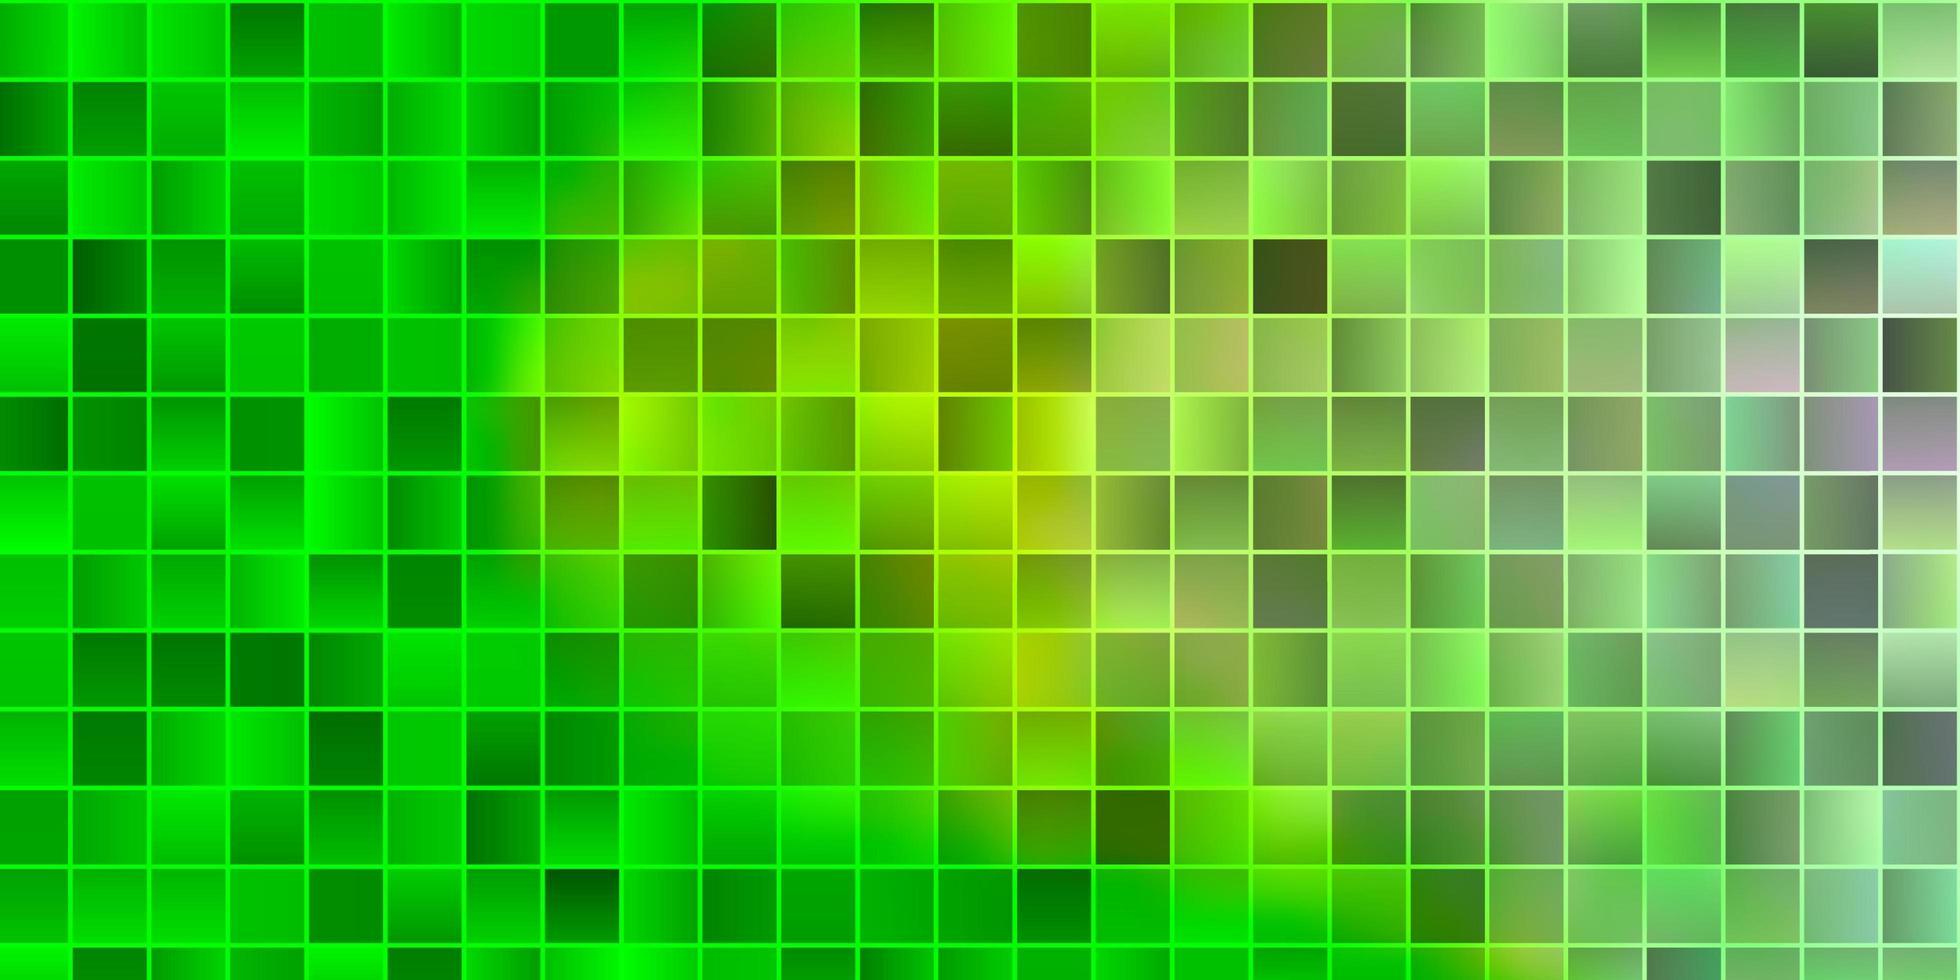 sfondo vettoriale verde chiaro con rettangoli.